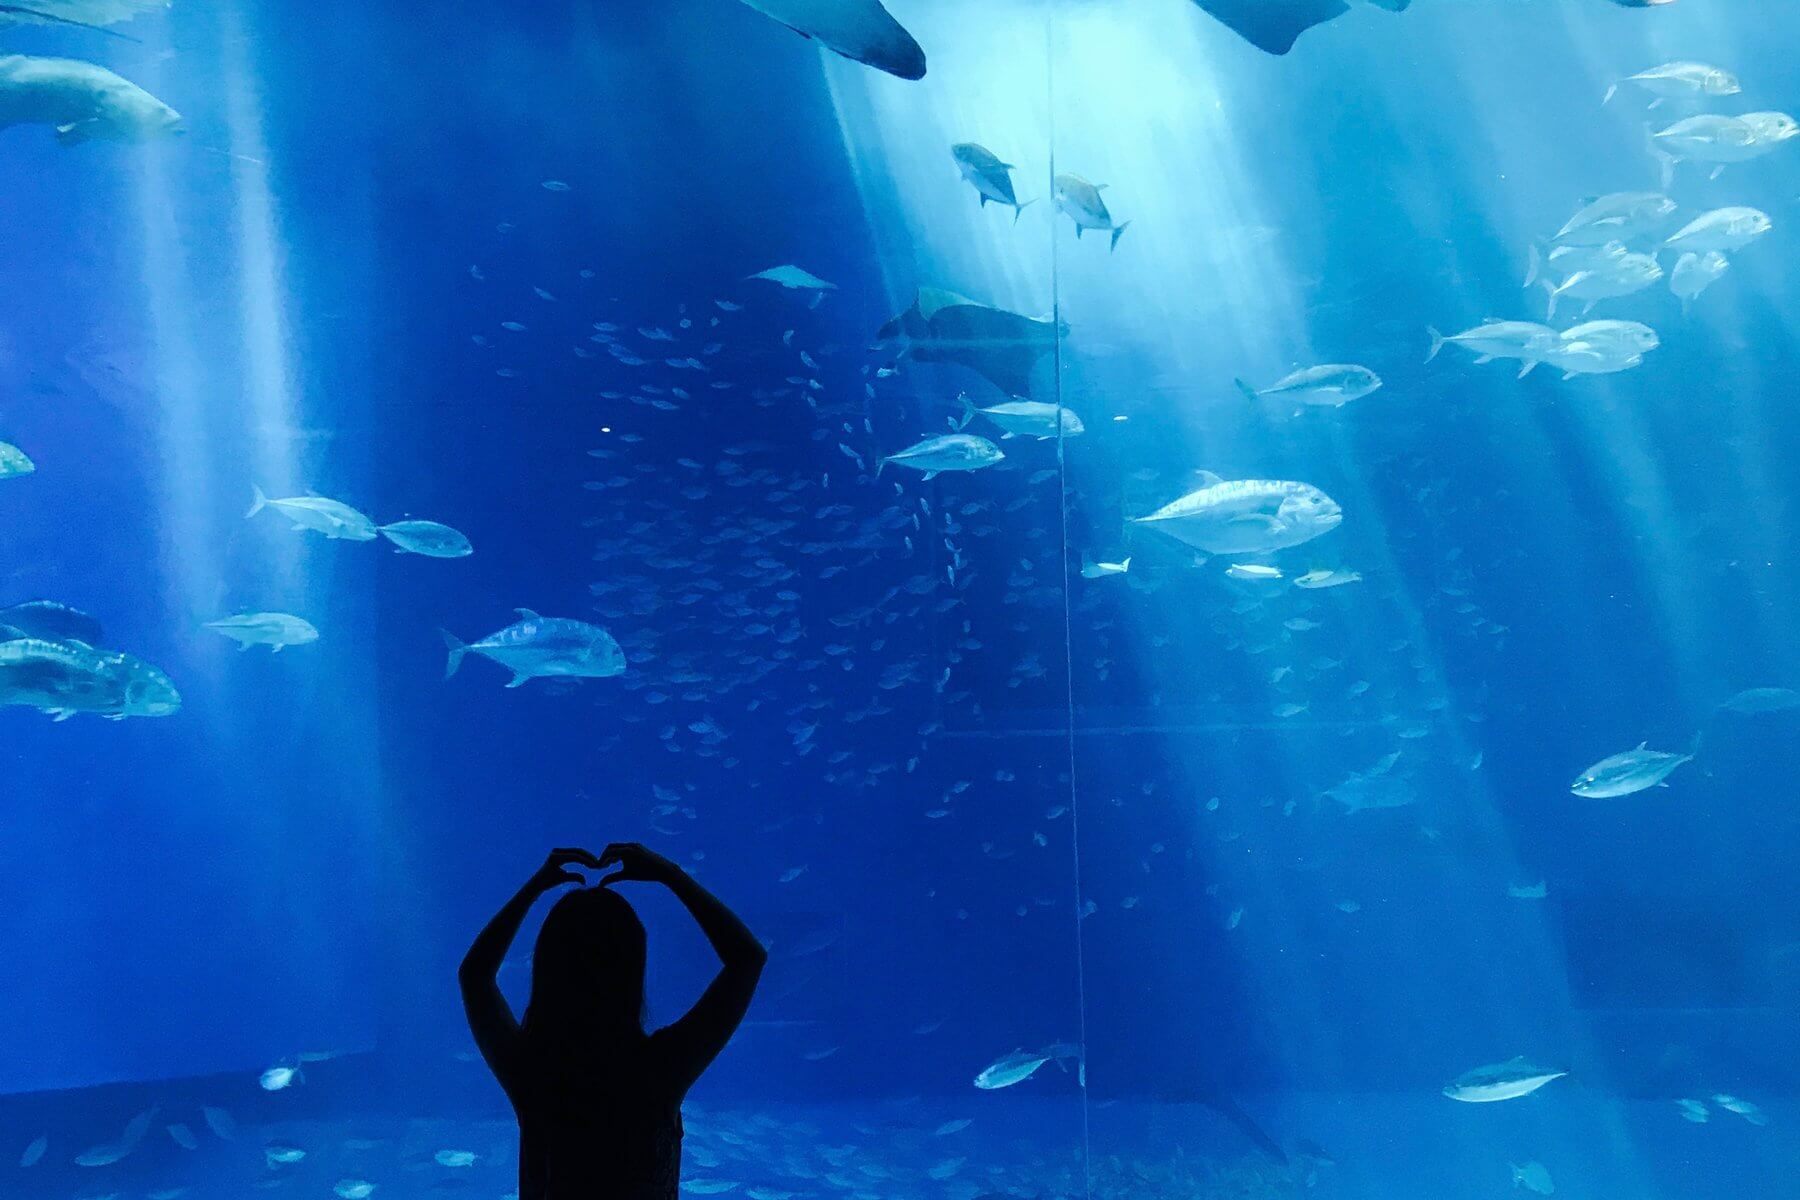 Nice Blue Aquarium Fish